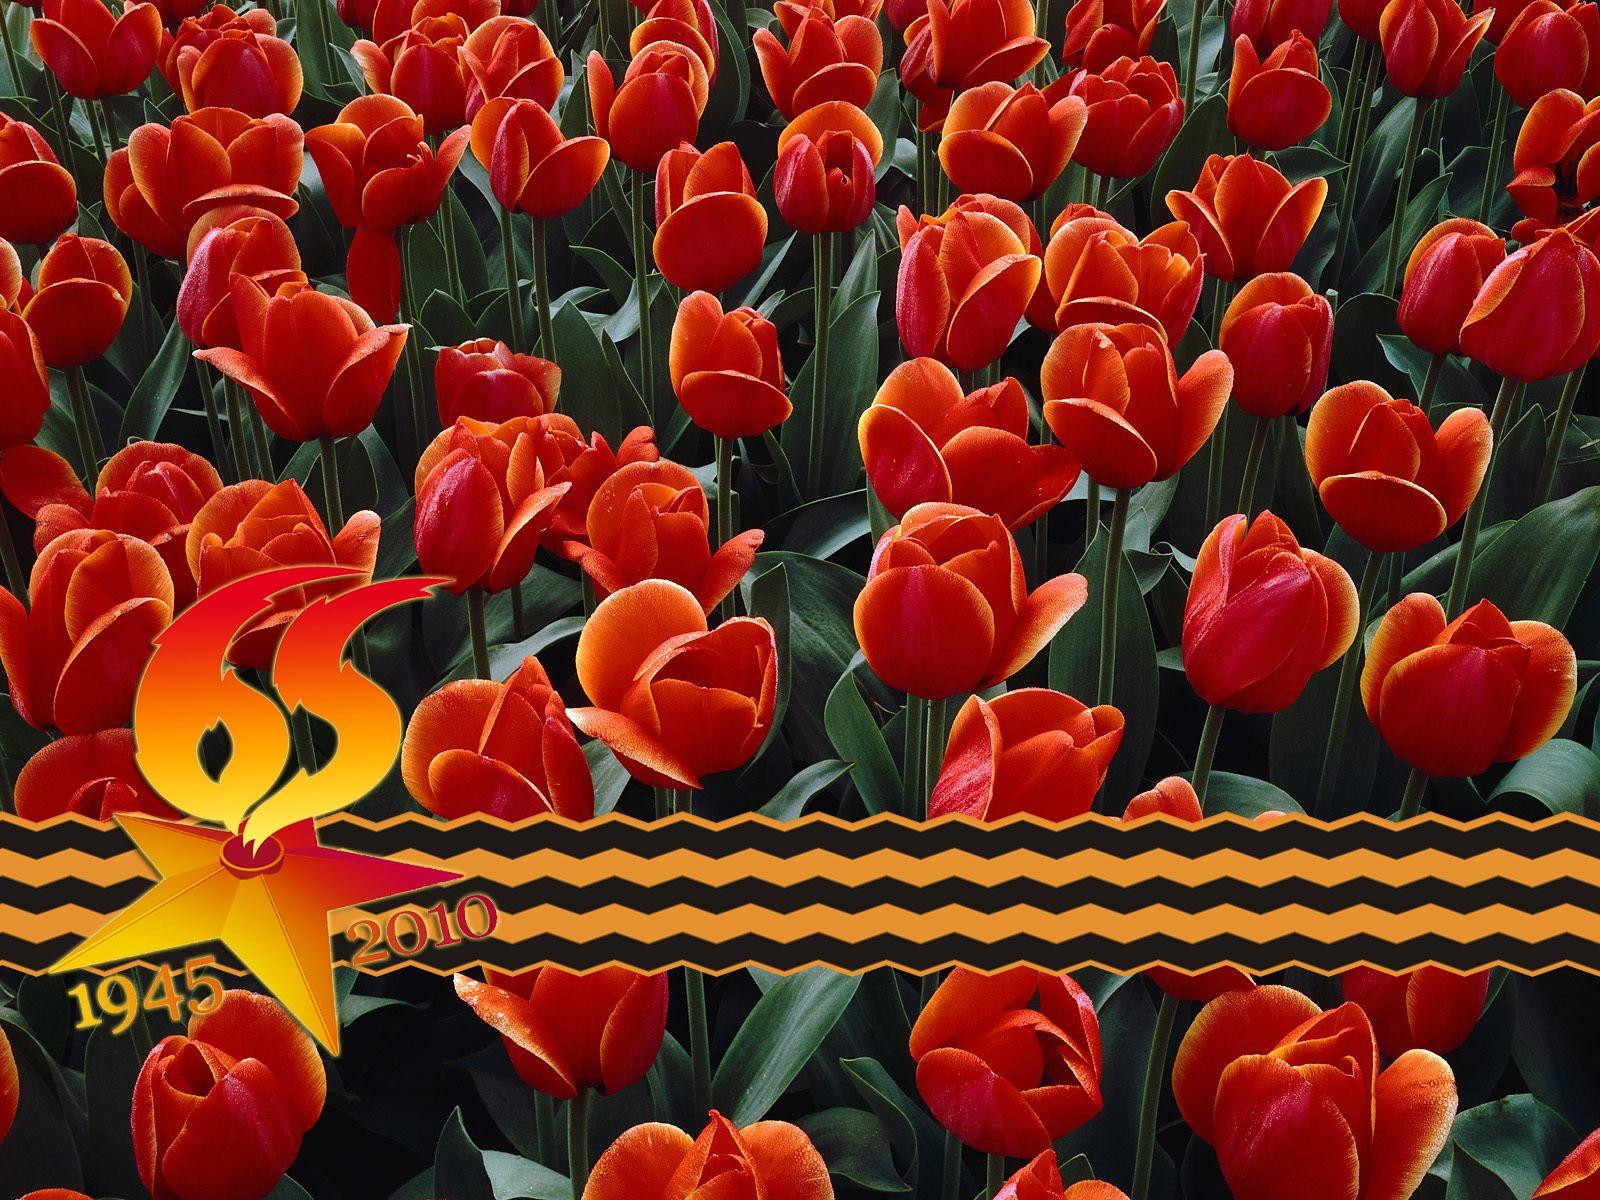 после трех тюльпаны на день победы открытки фото горах